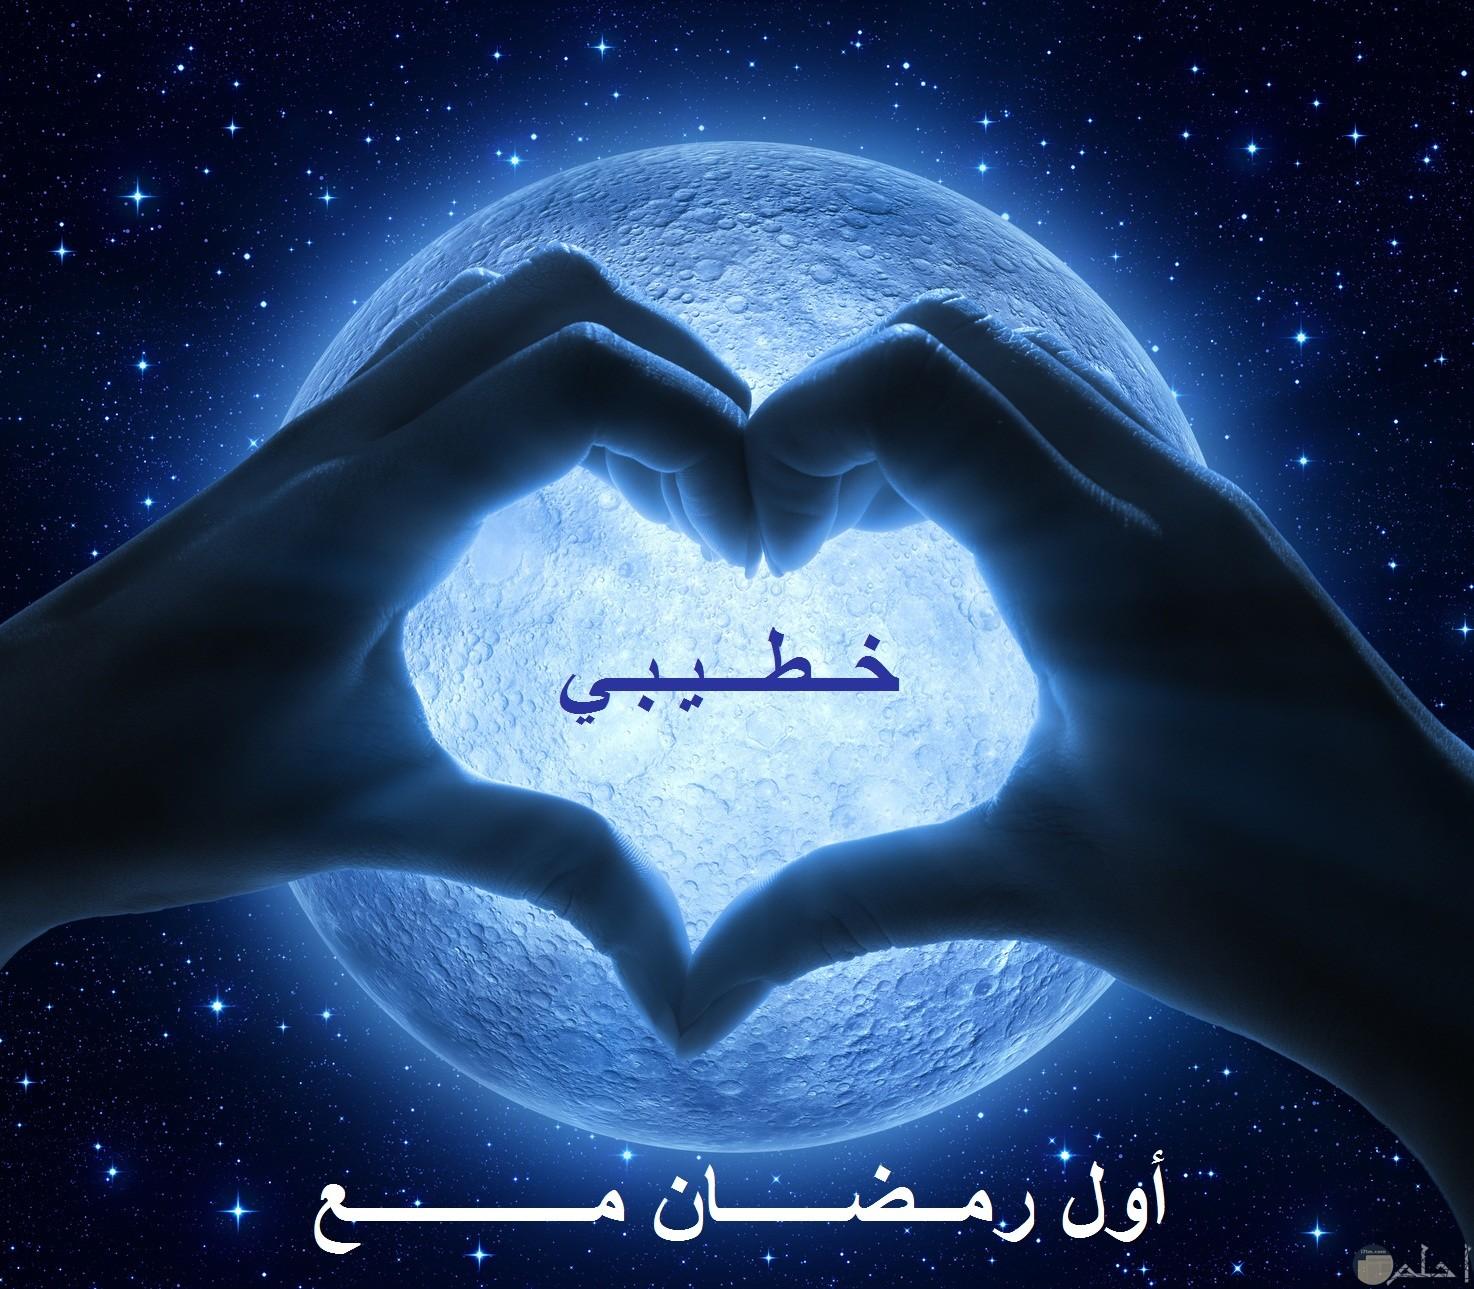 قلب و قمر و عبارة أول رمضان مع خطيبي.